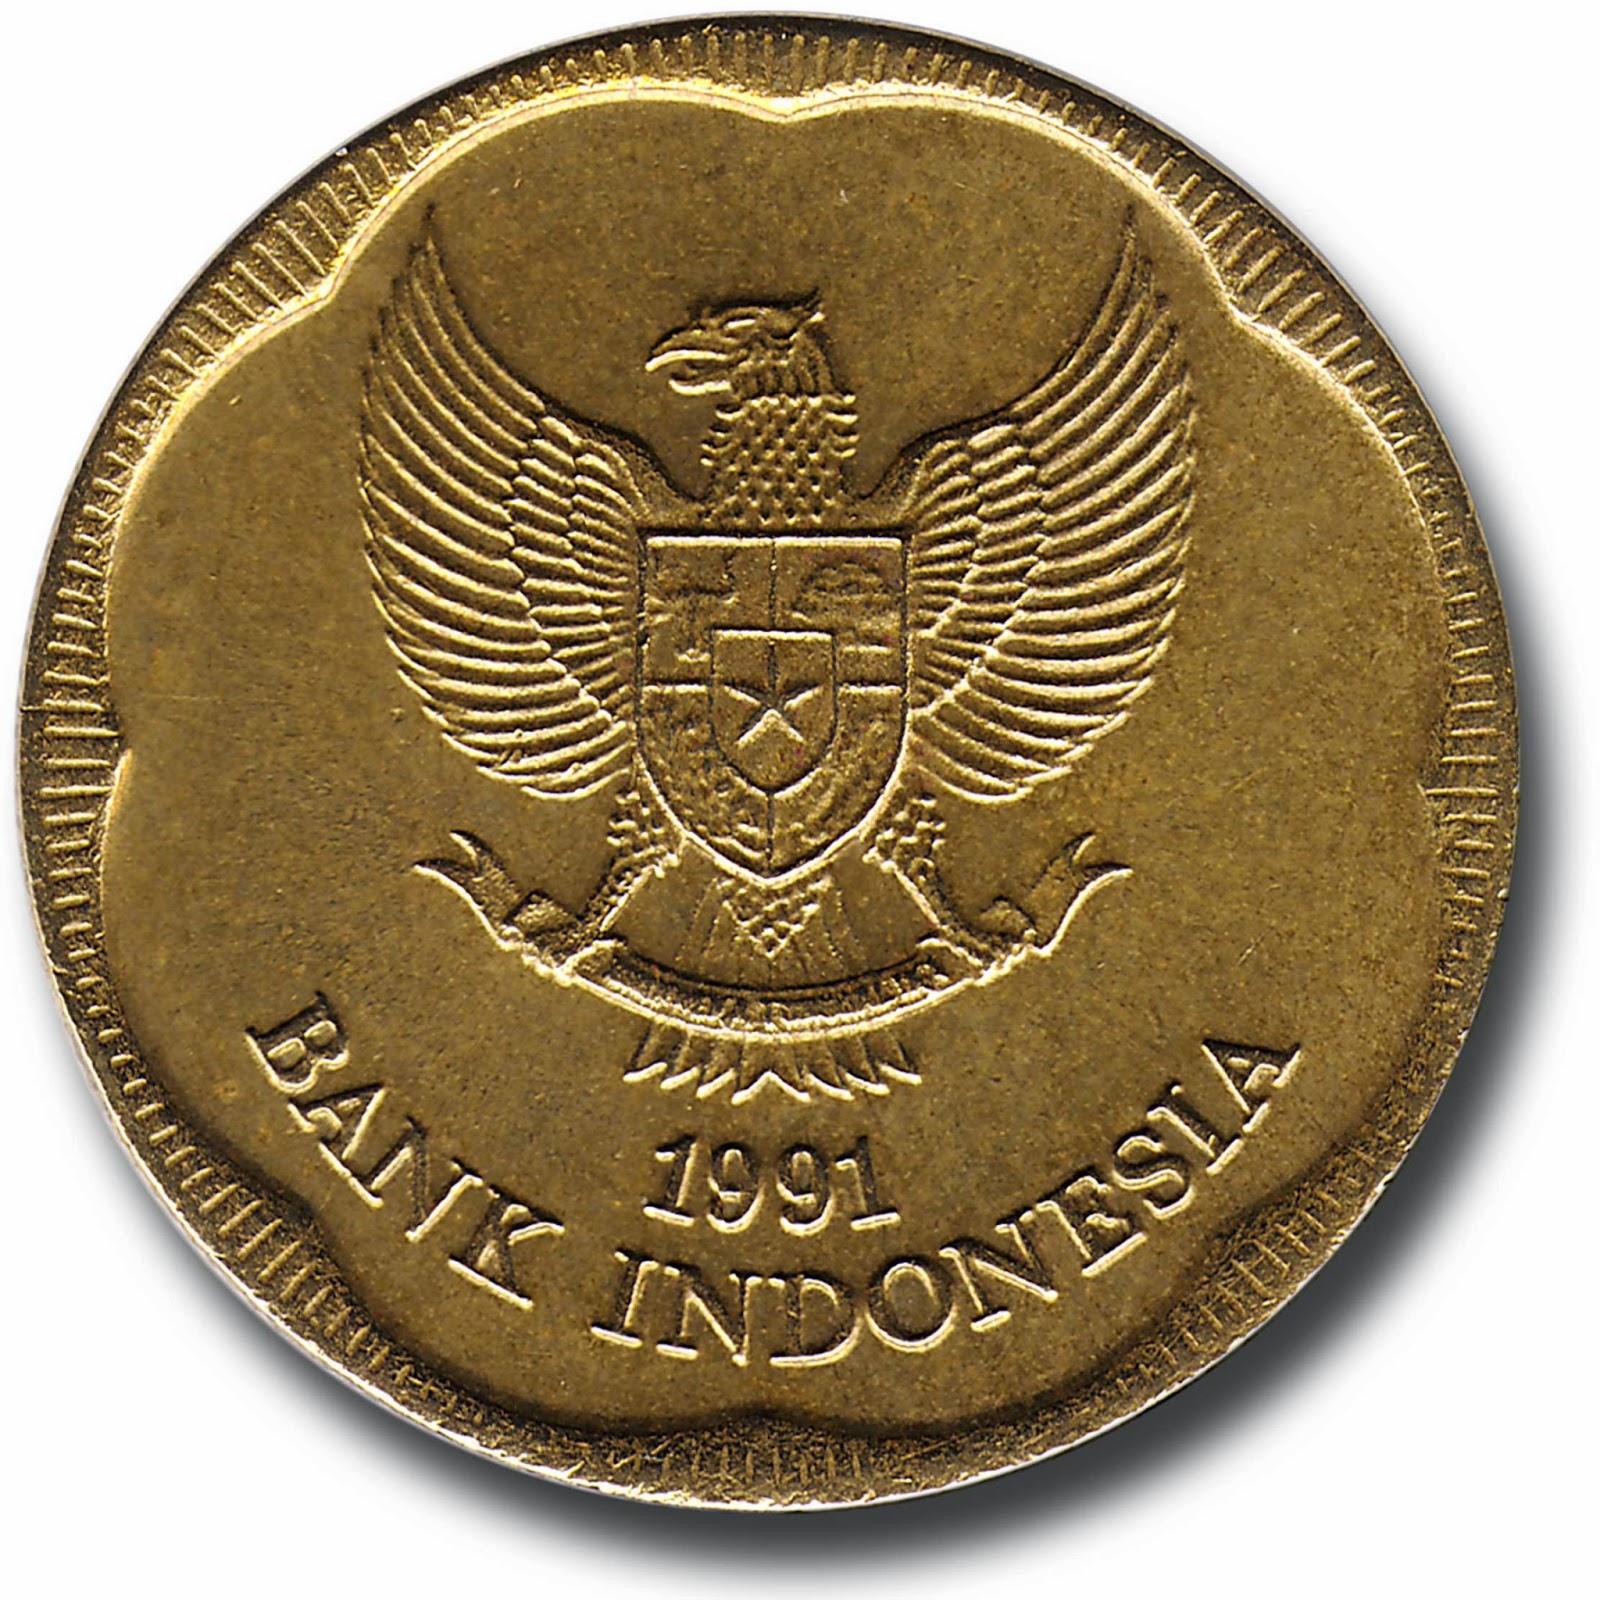 Uang Logam 500 Rupiah